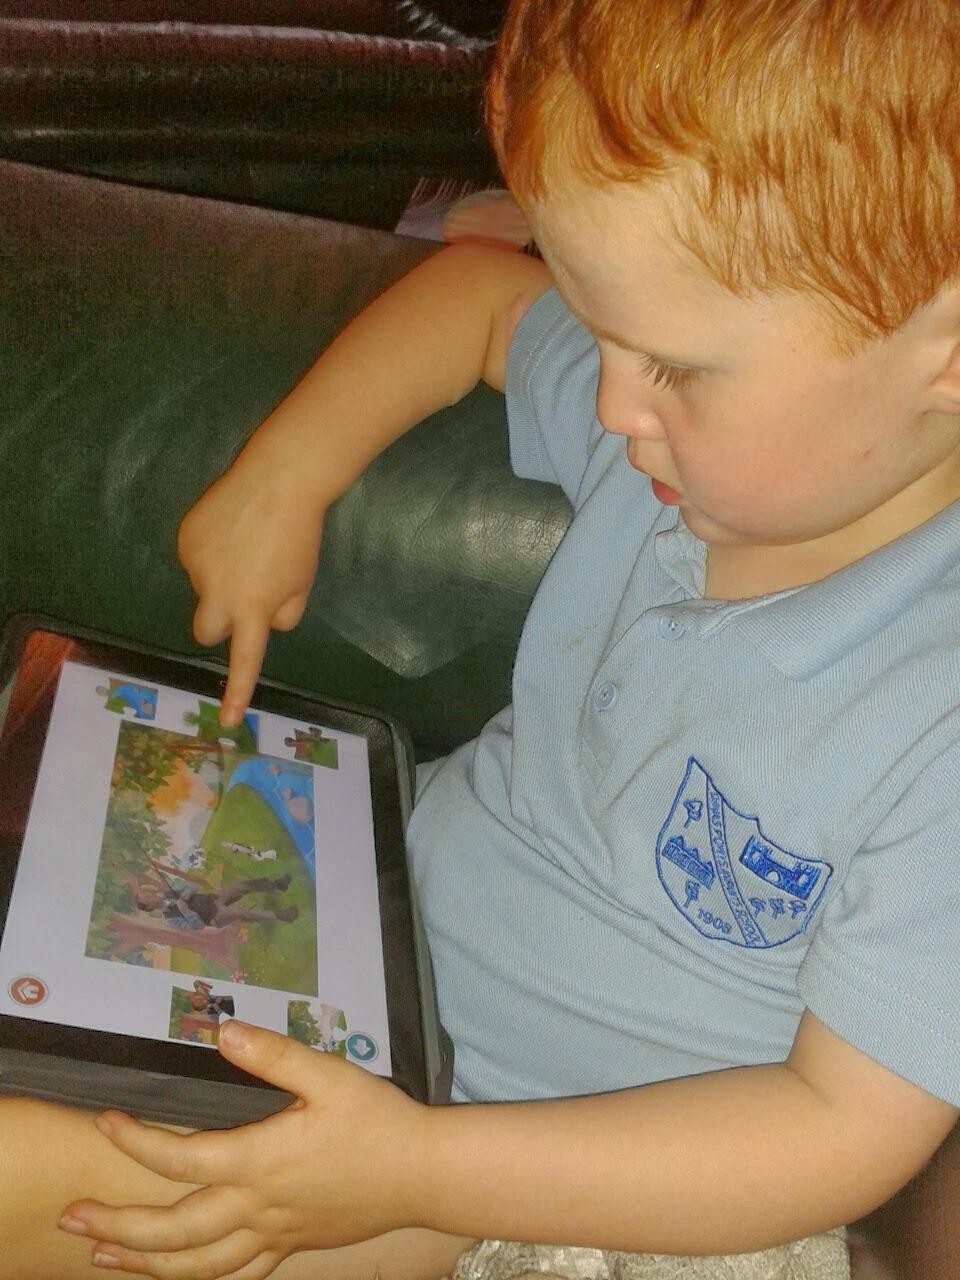 Ieuan playing with iPad